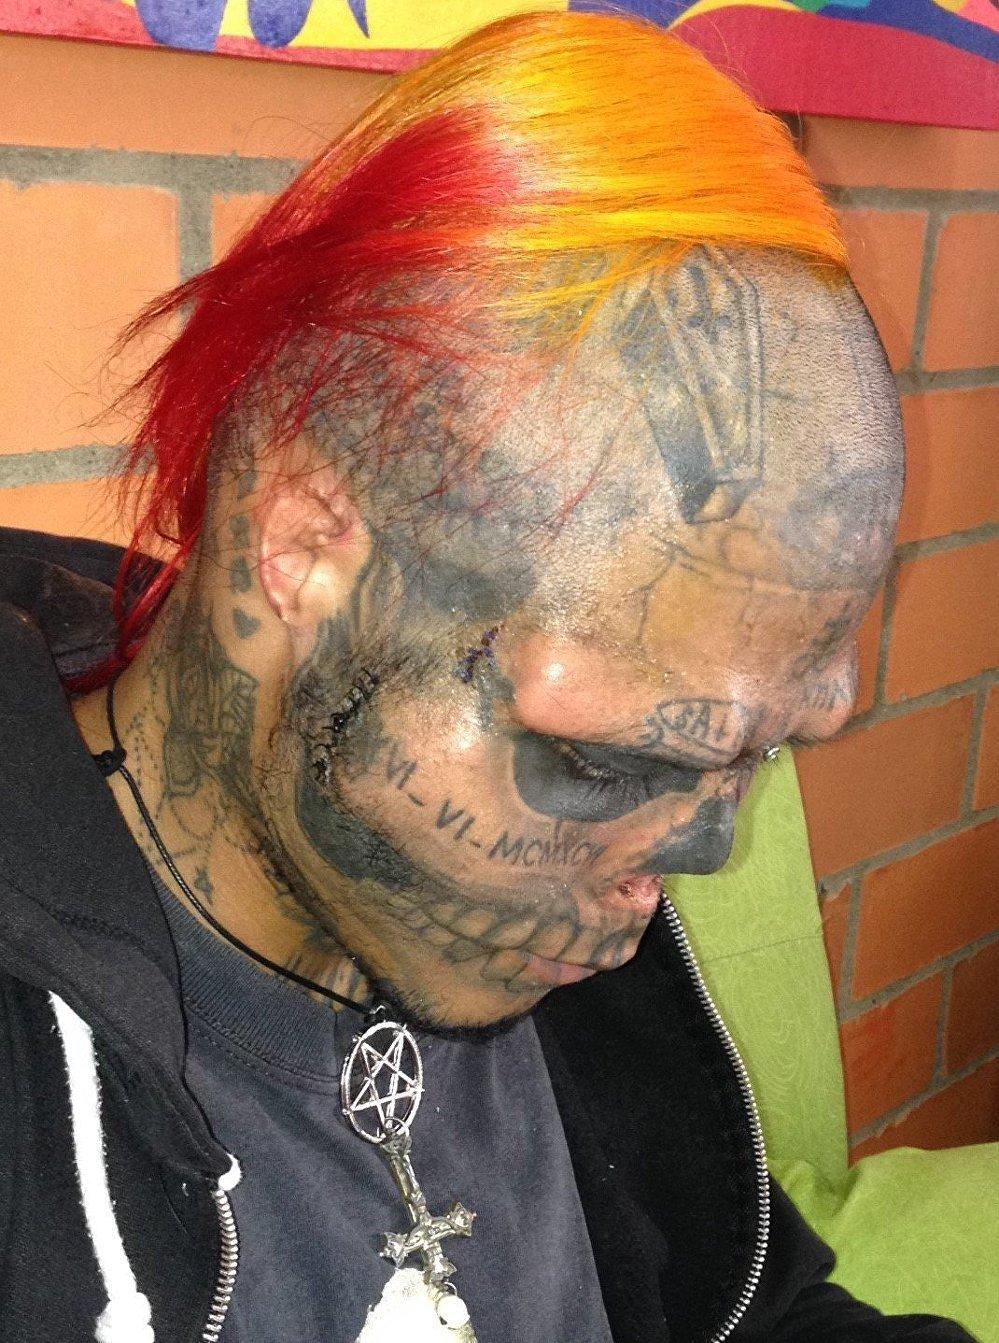 Kalaca es un reconocido tatuador de su ciudad natal de Cartago, en el departamento de Valle del Cauca